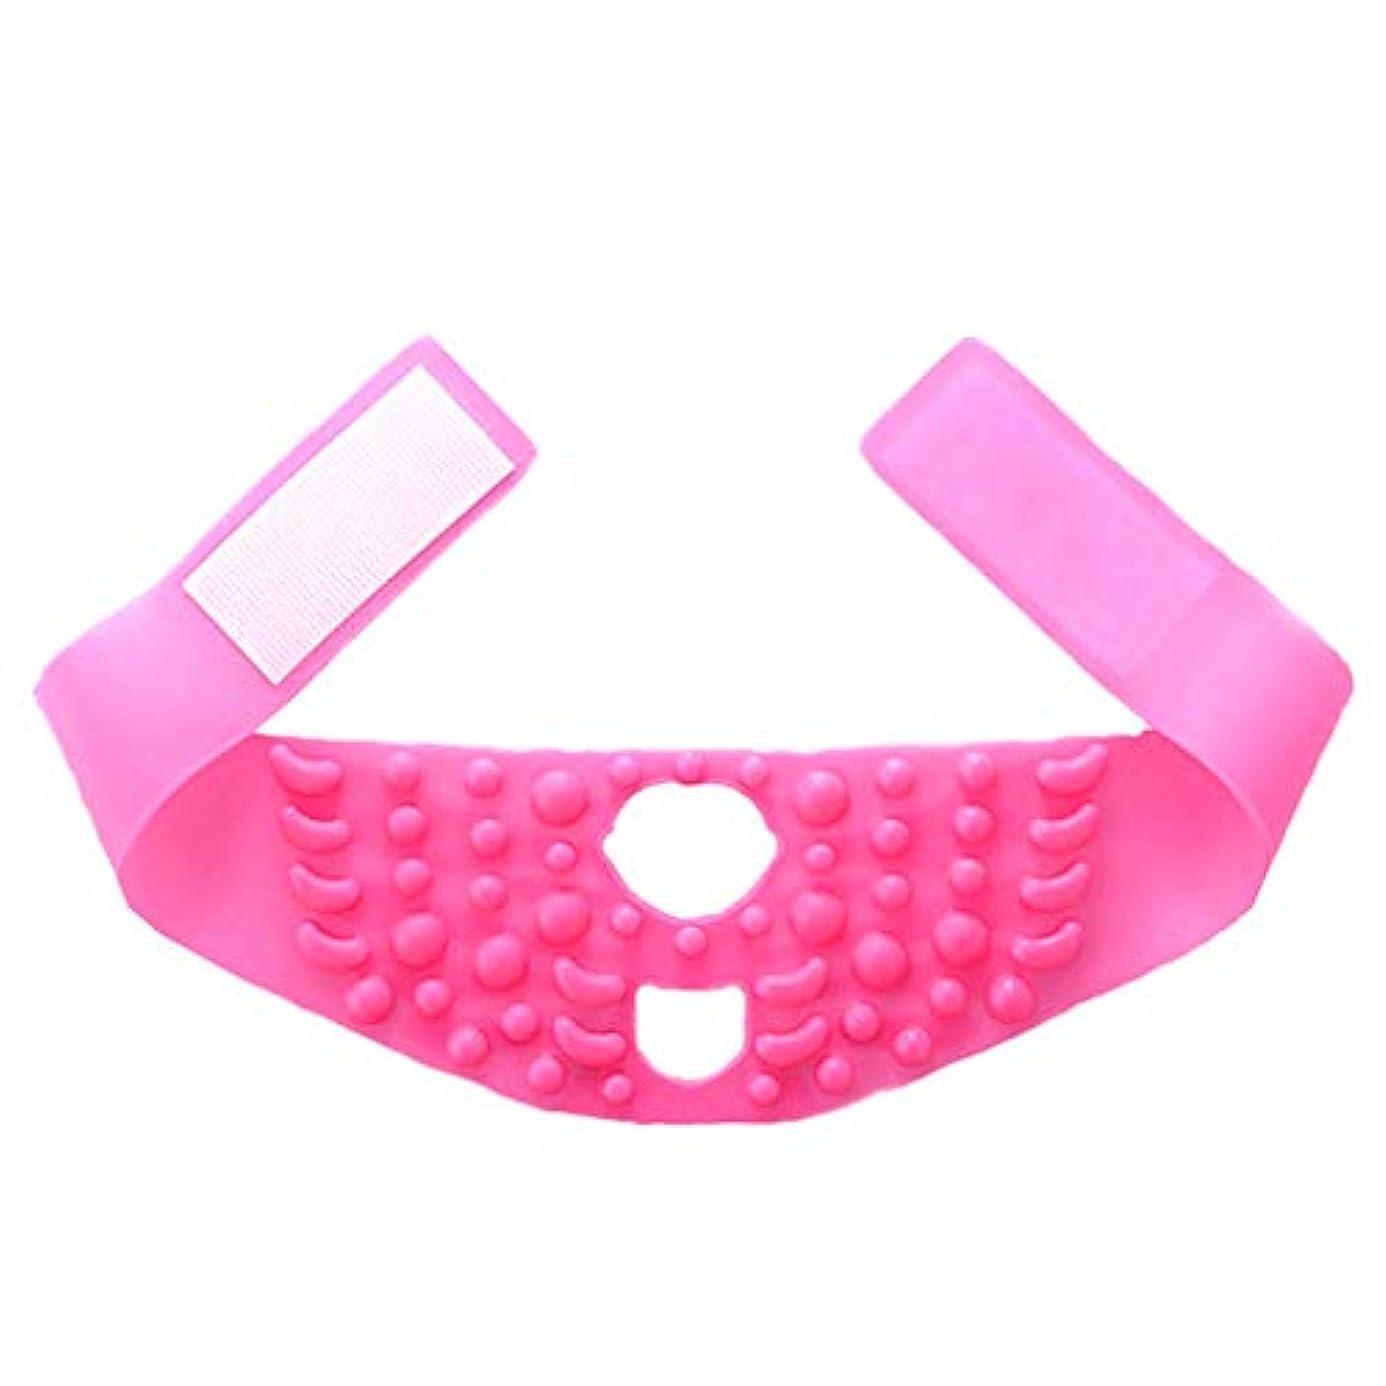 保険をかける広々同行TLMY 顔の持ち上がるマスクのあごのリボンのシリコーンVのマスクのマスク強力な包帯Vの表面の人工物小さいVの顔の包帯顔および首の持ち上がるピンクのシリコーンの包帯 顔用整形マスク